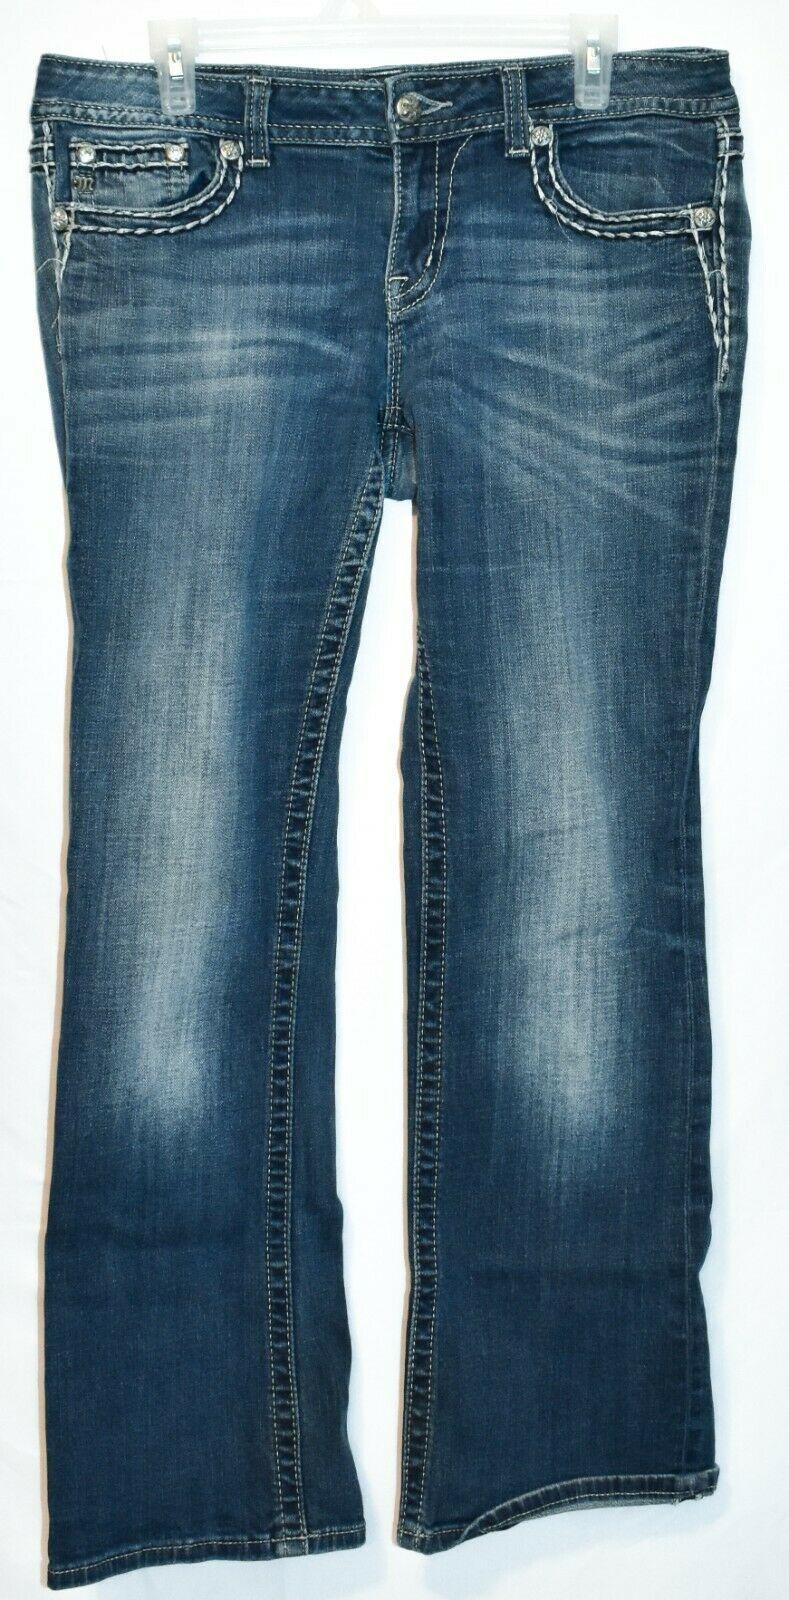 Miss Me Women's Fleur de Lis Mid-Rise Easy Boot Cut Blue Denim Jeans Size 30